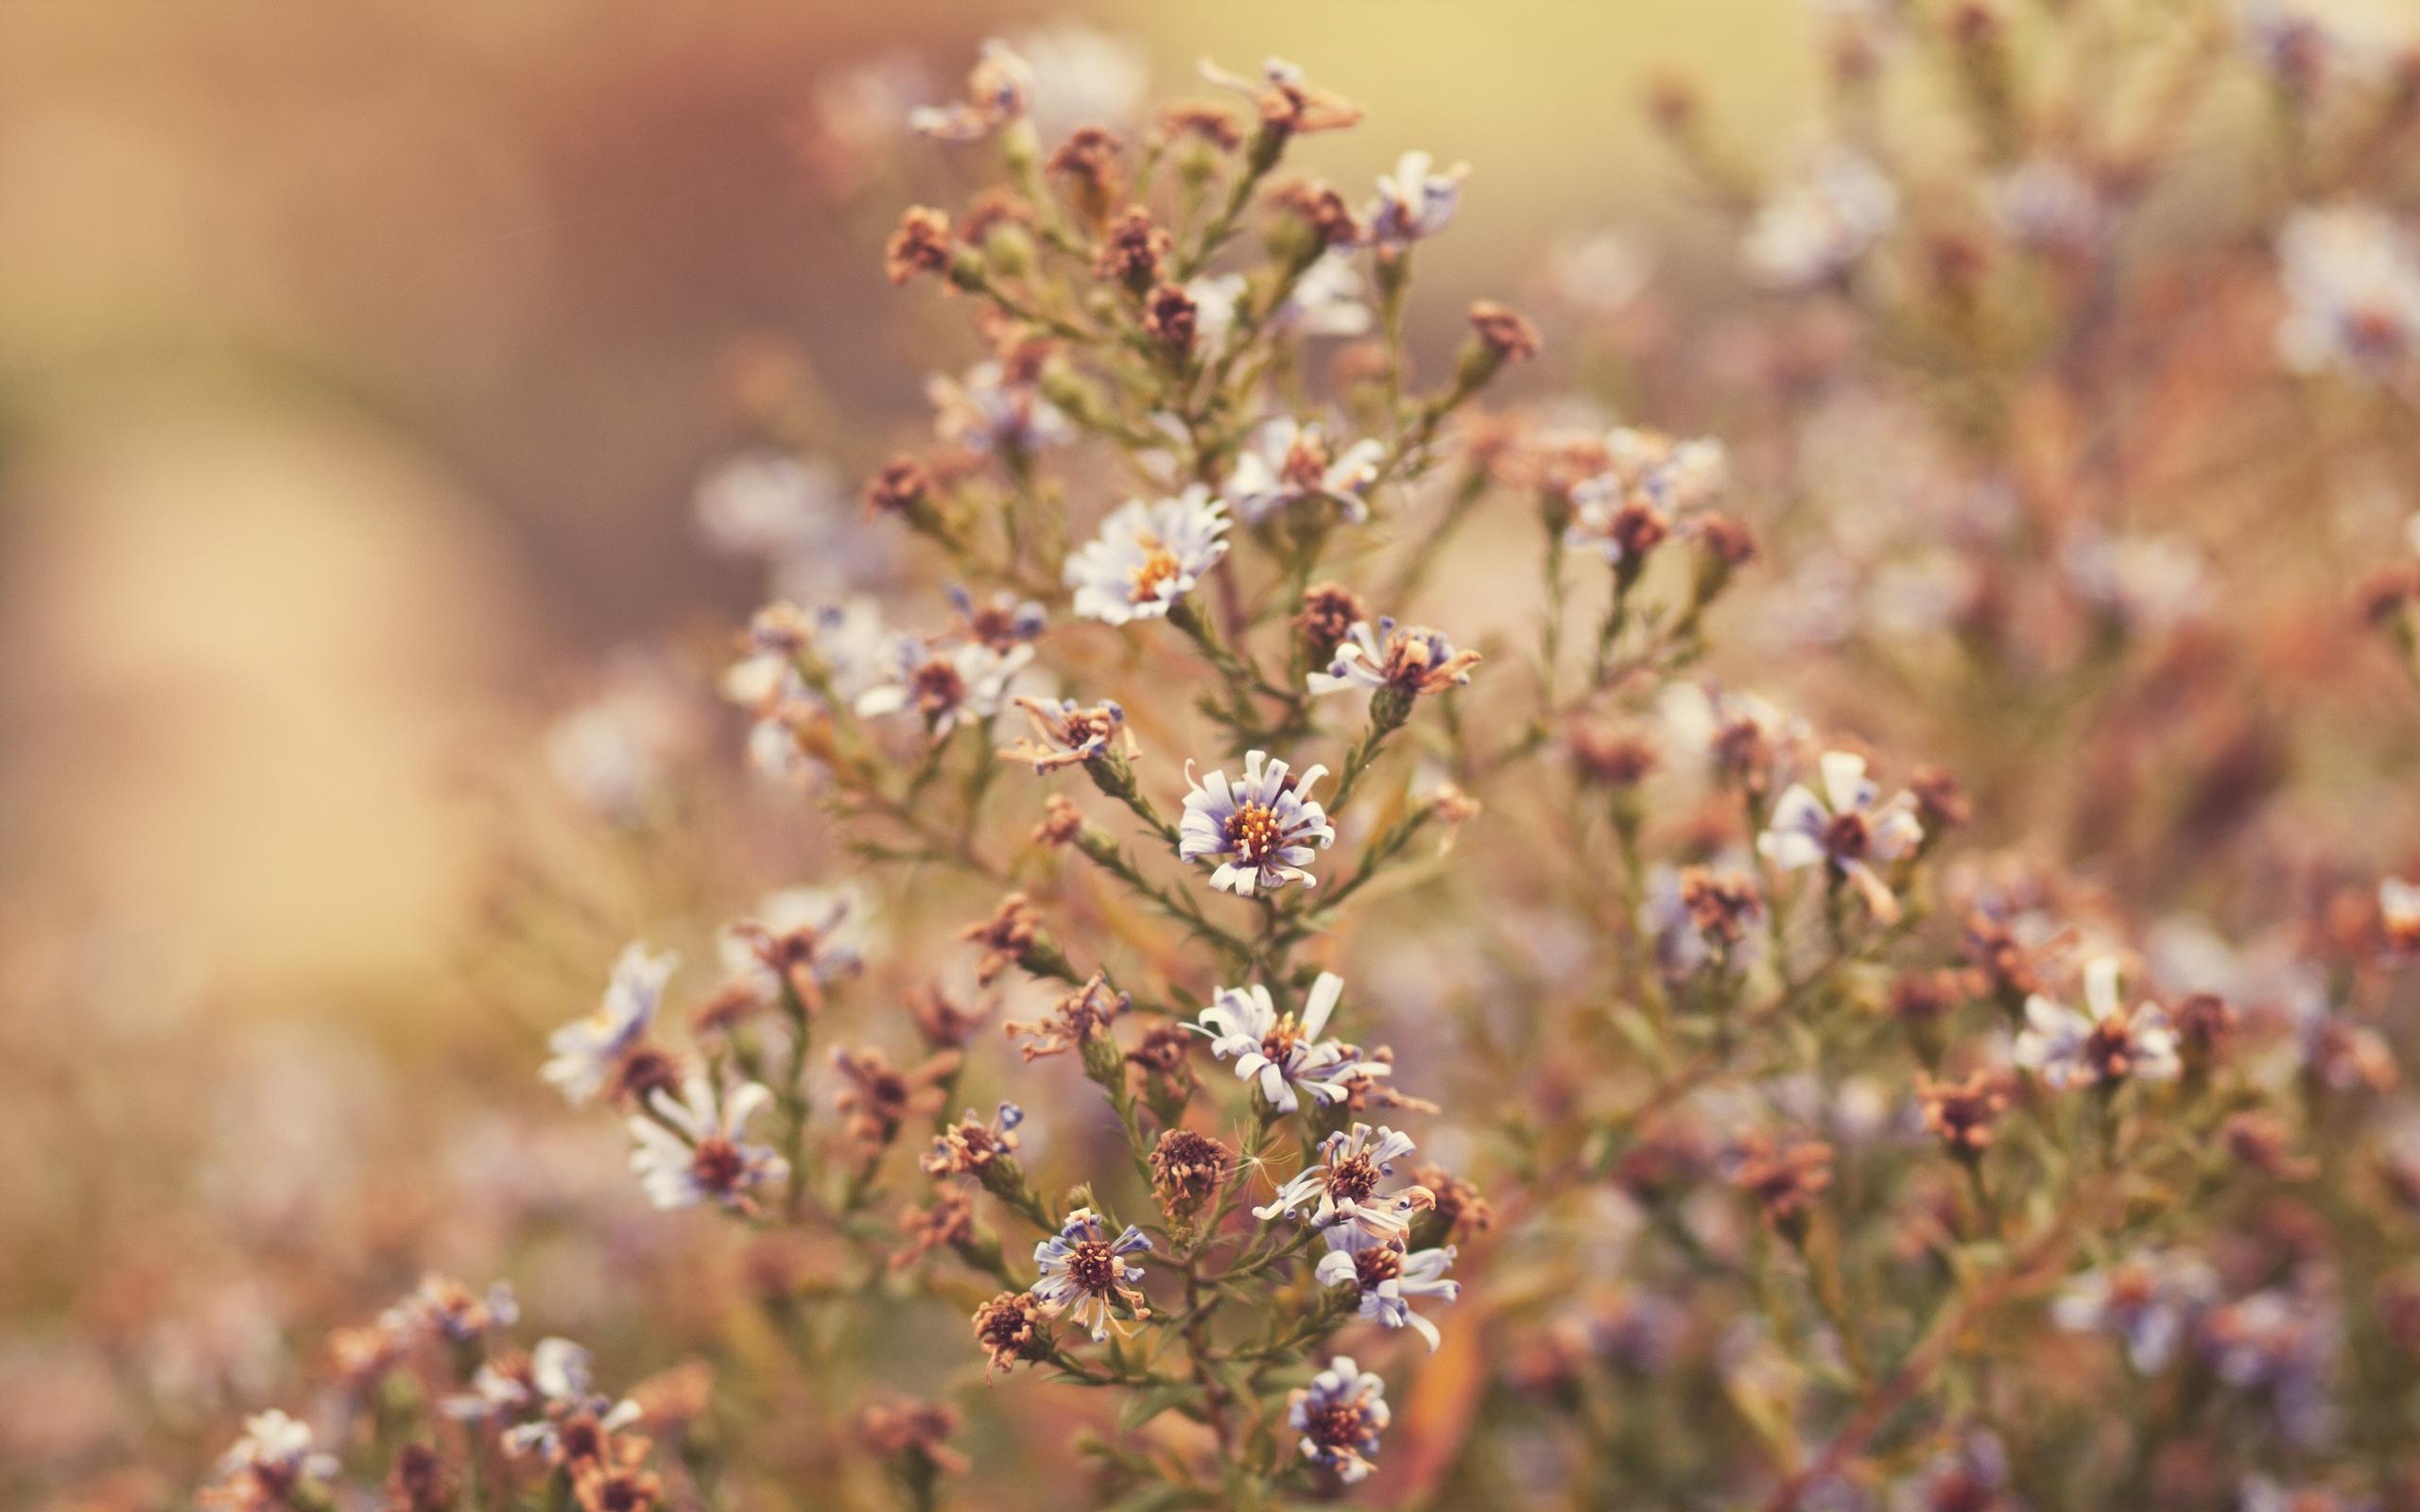 autumn flowers - desktop wallpaper